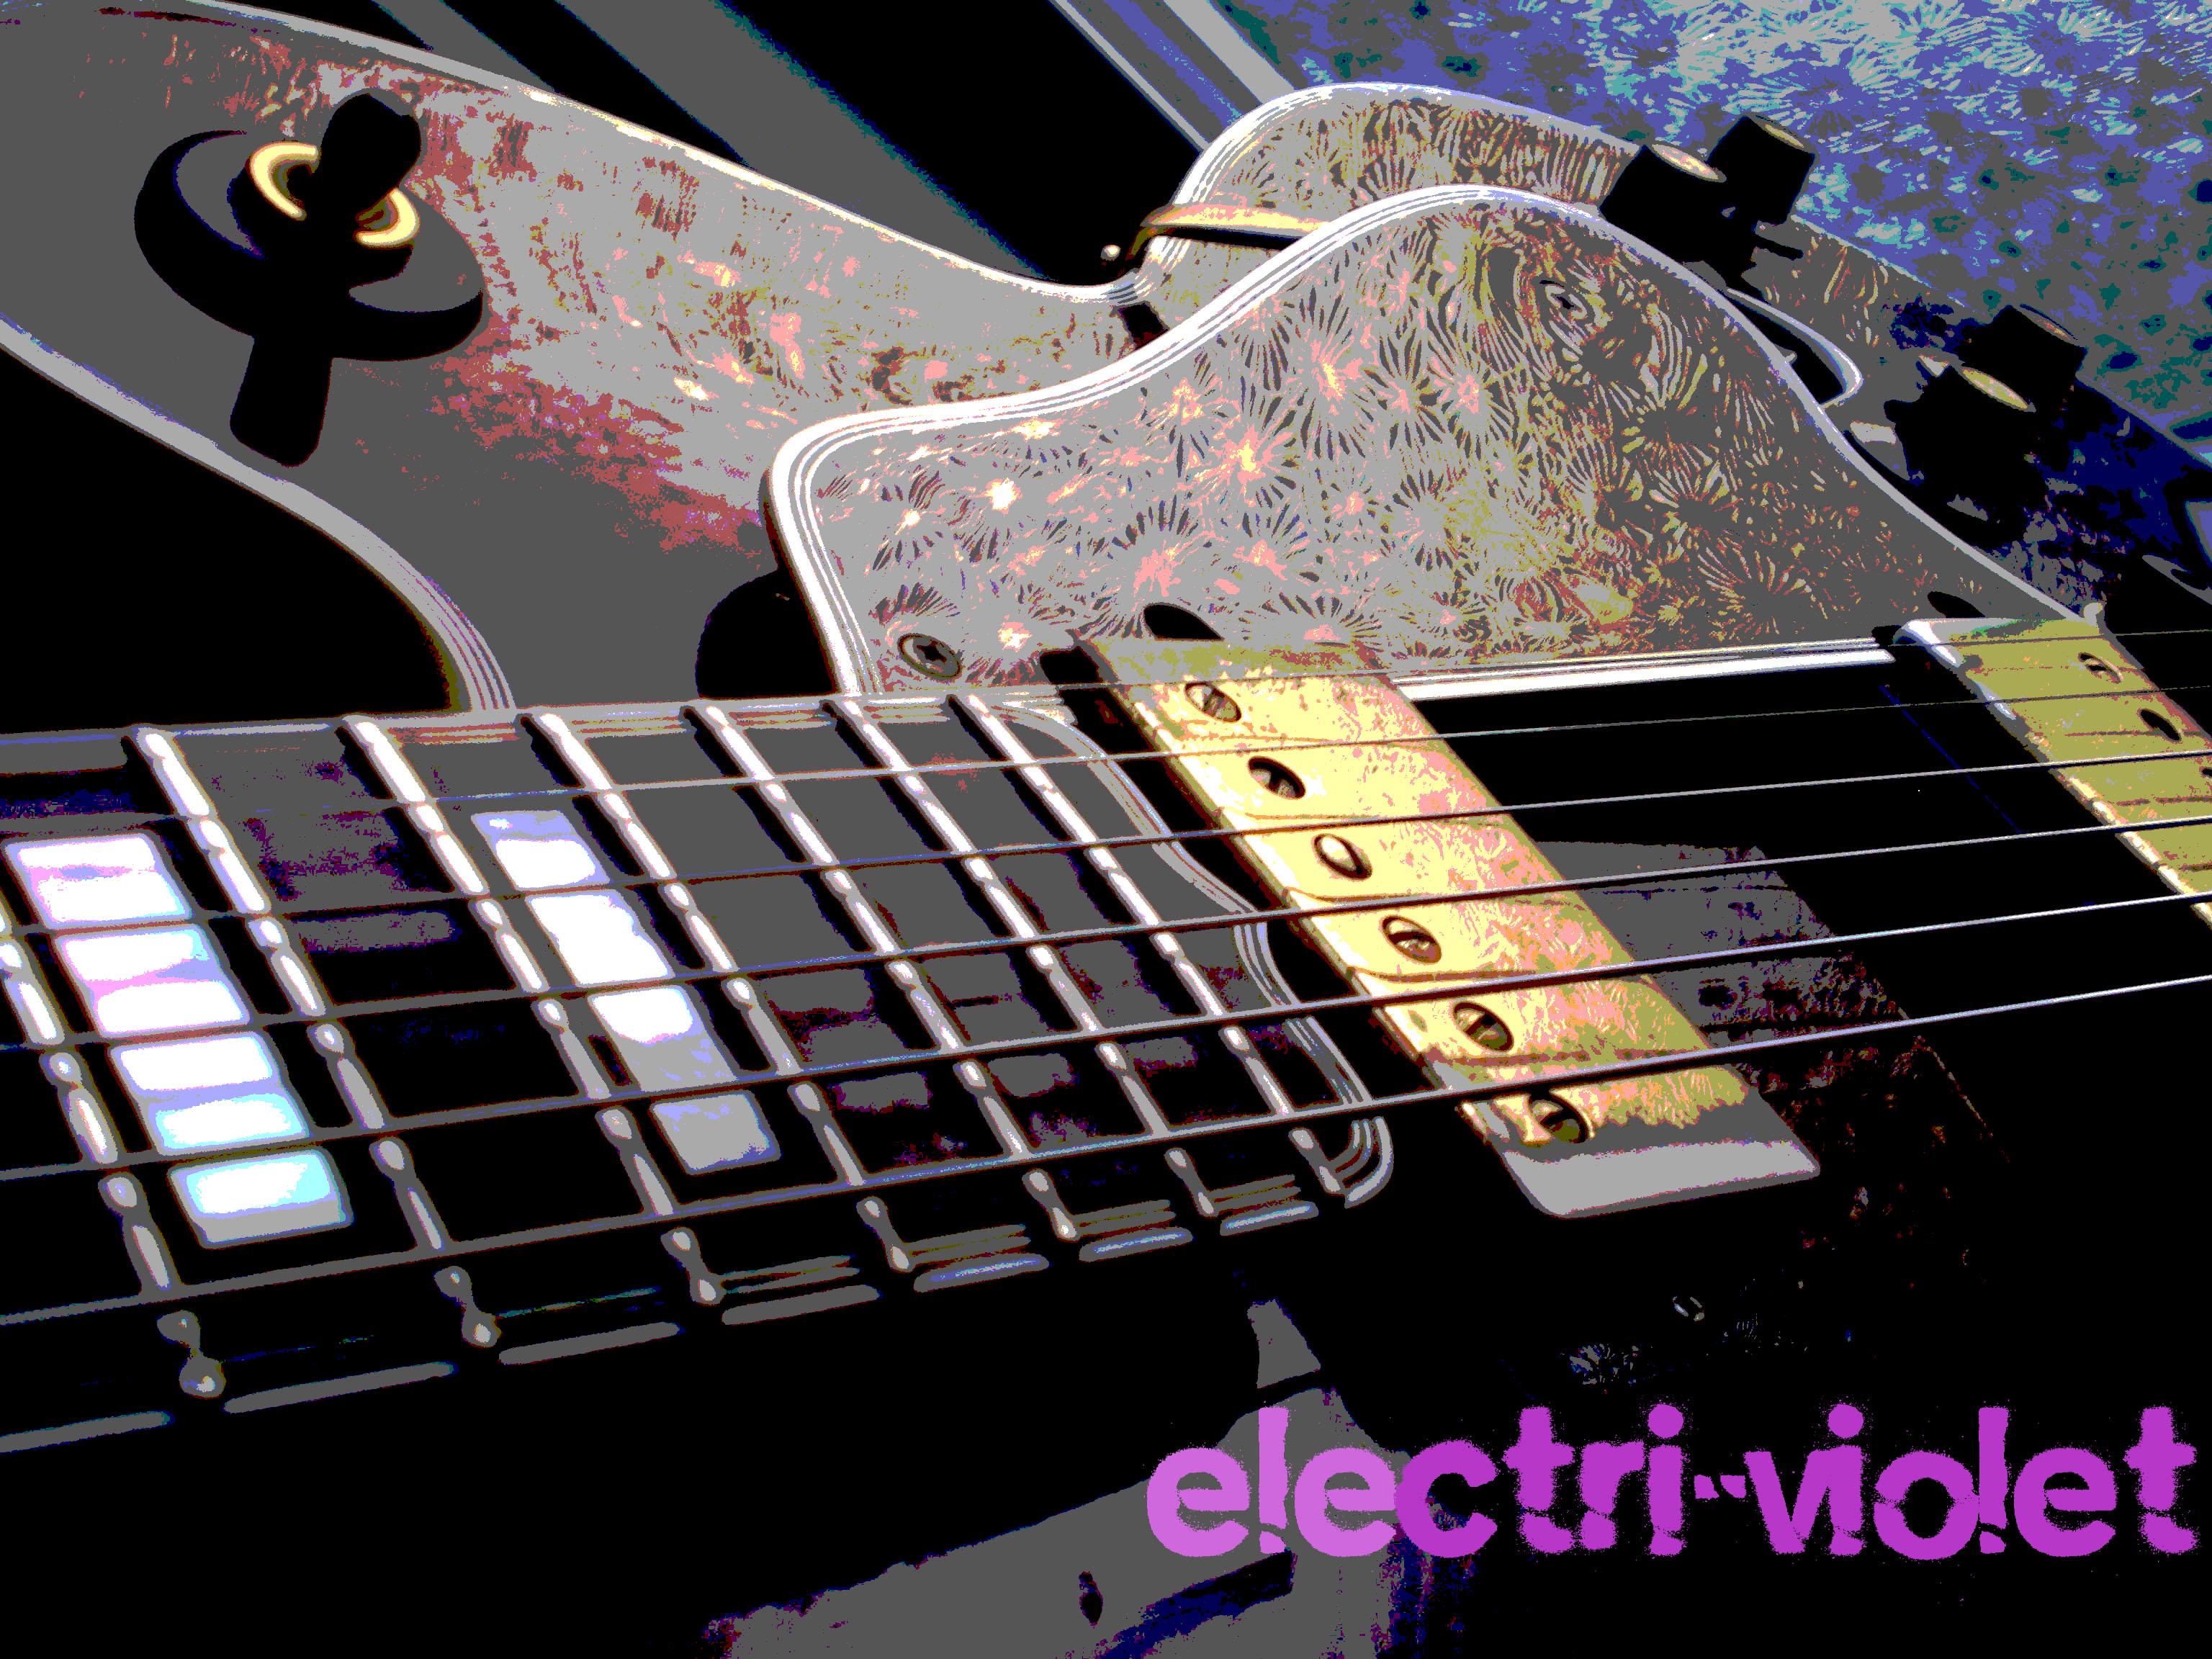 electri-violet